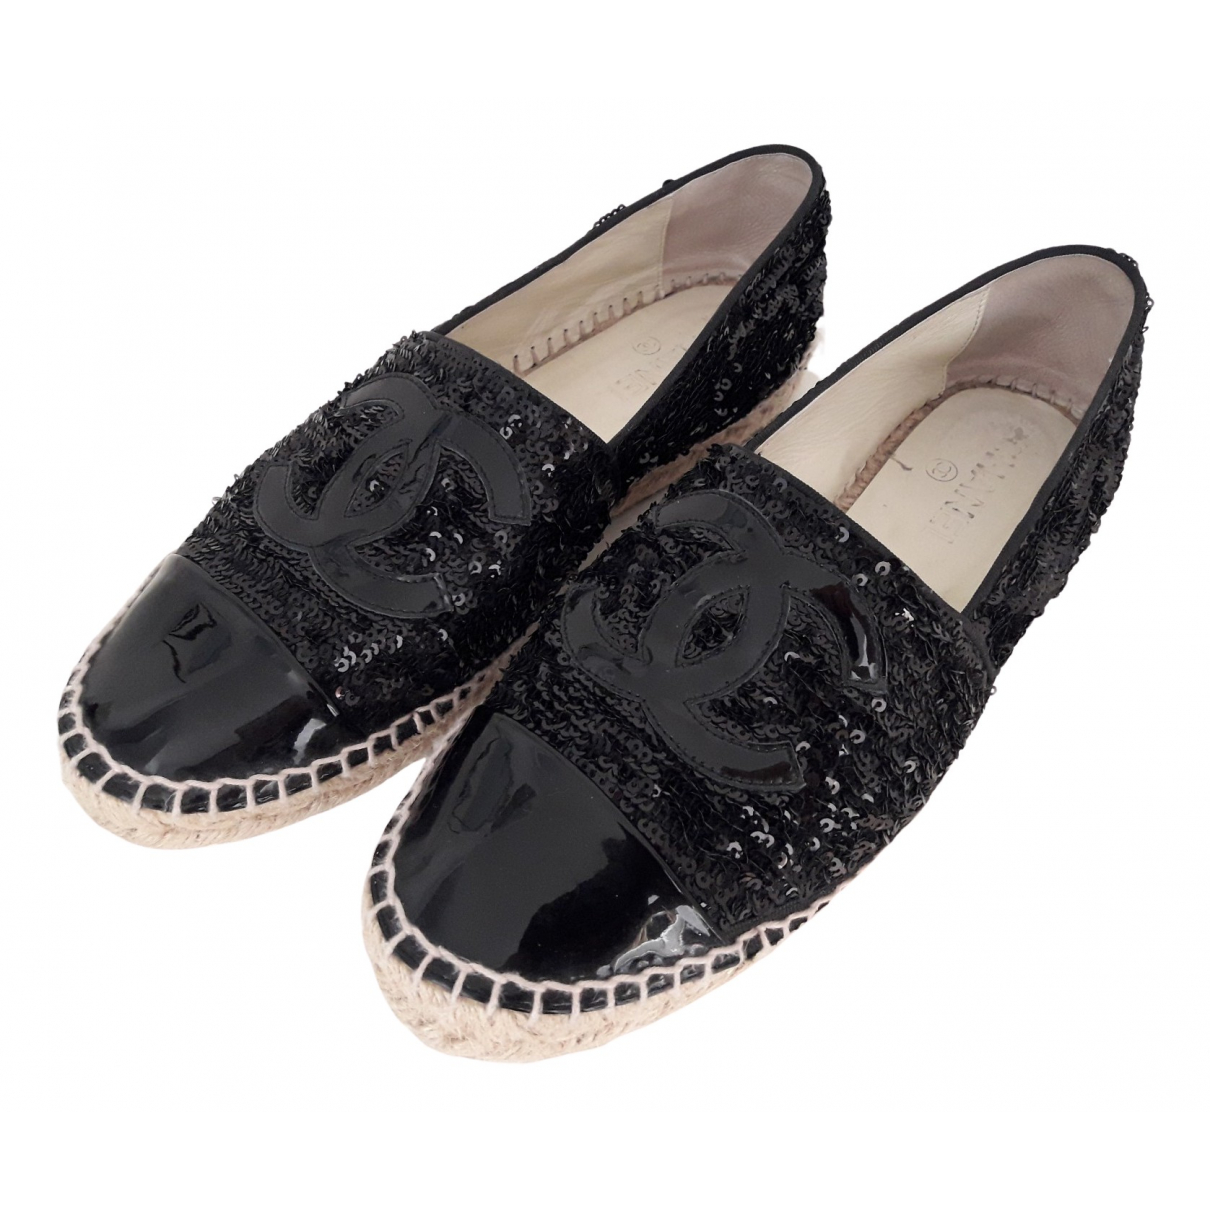 Chanel - Espadrilles   pour femme en a paillettes - noir